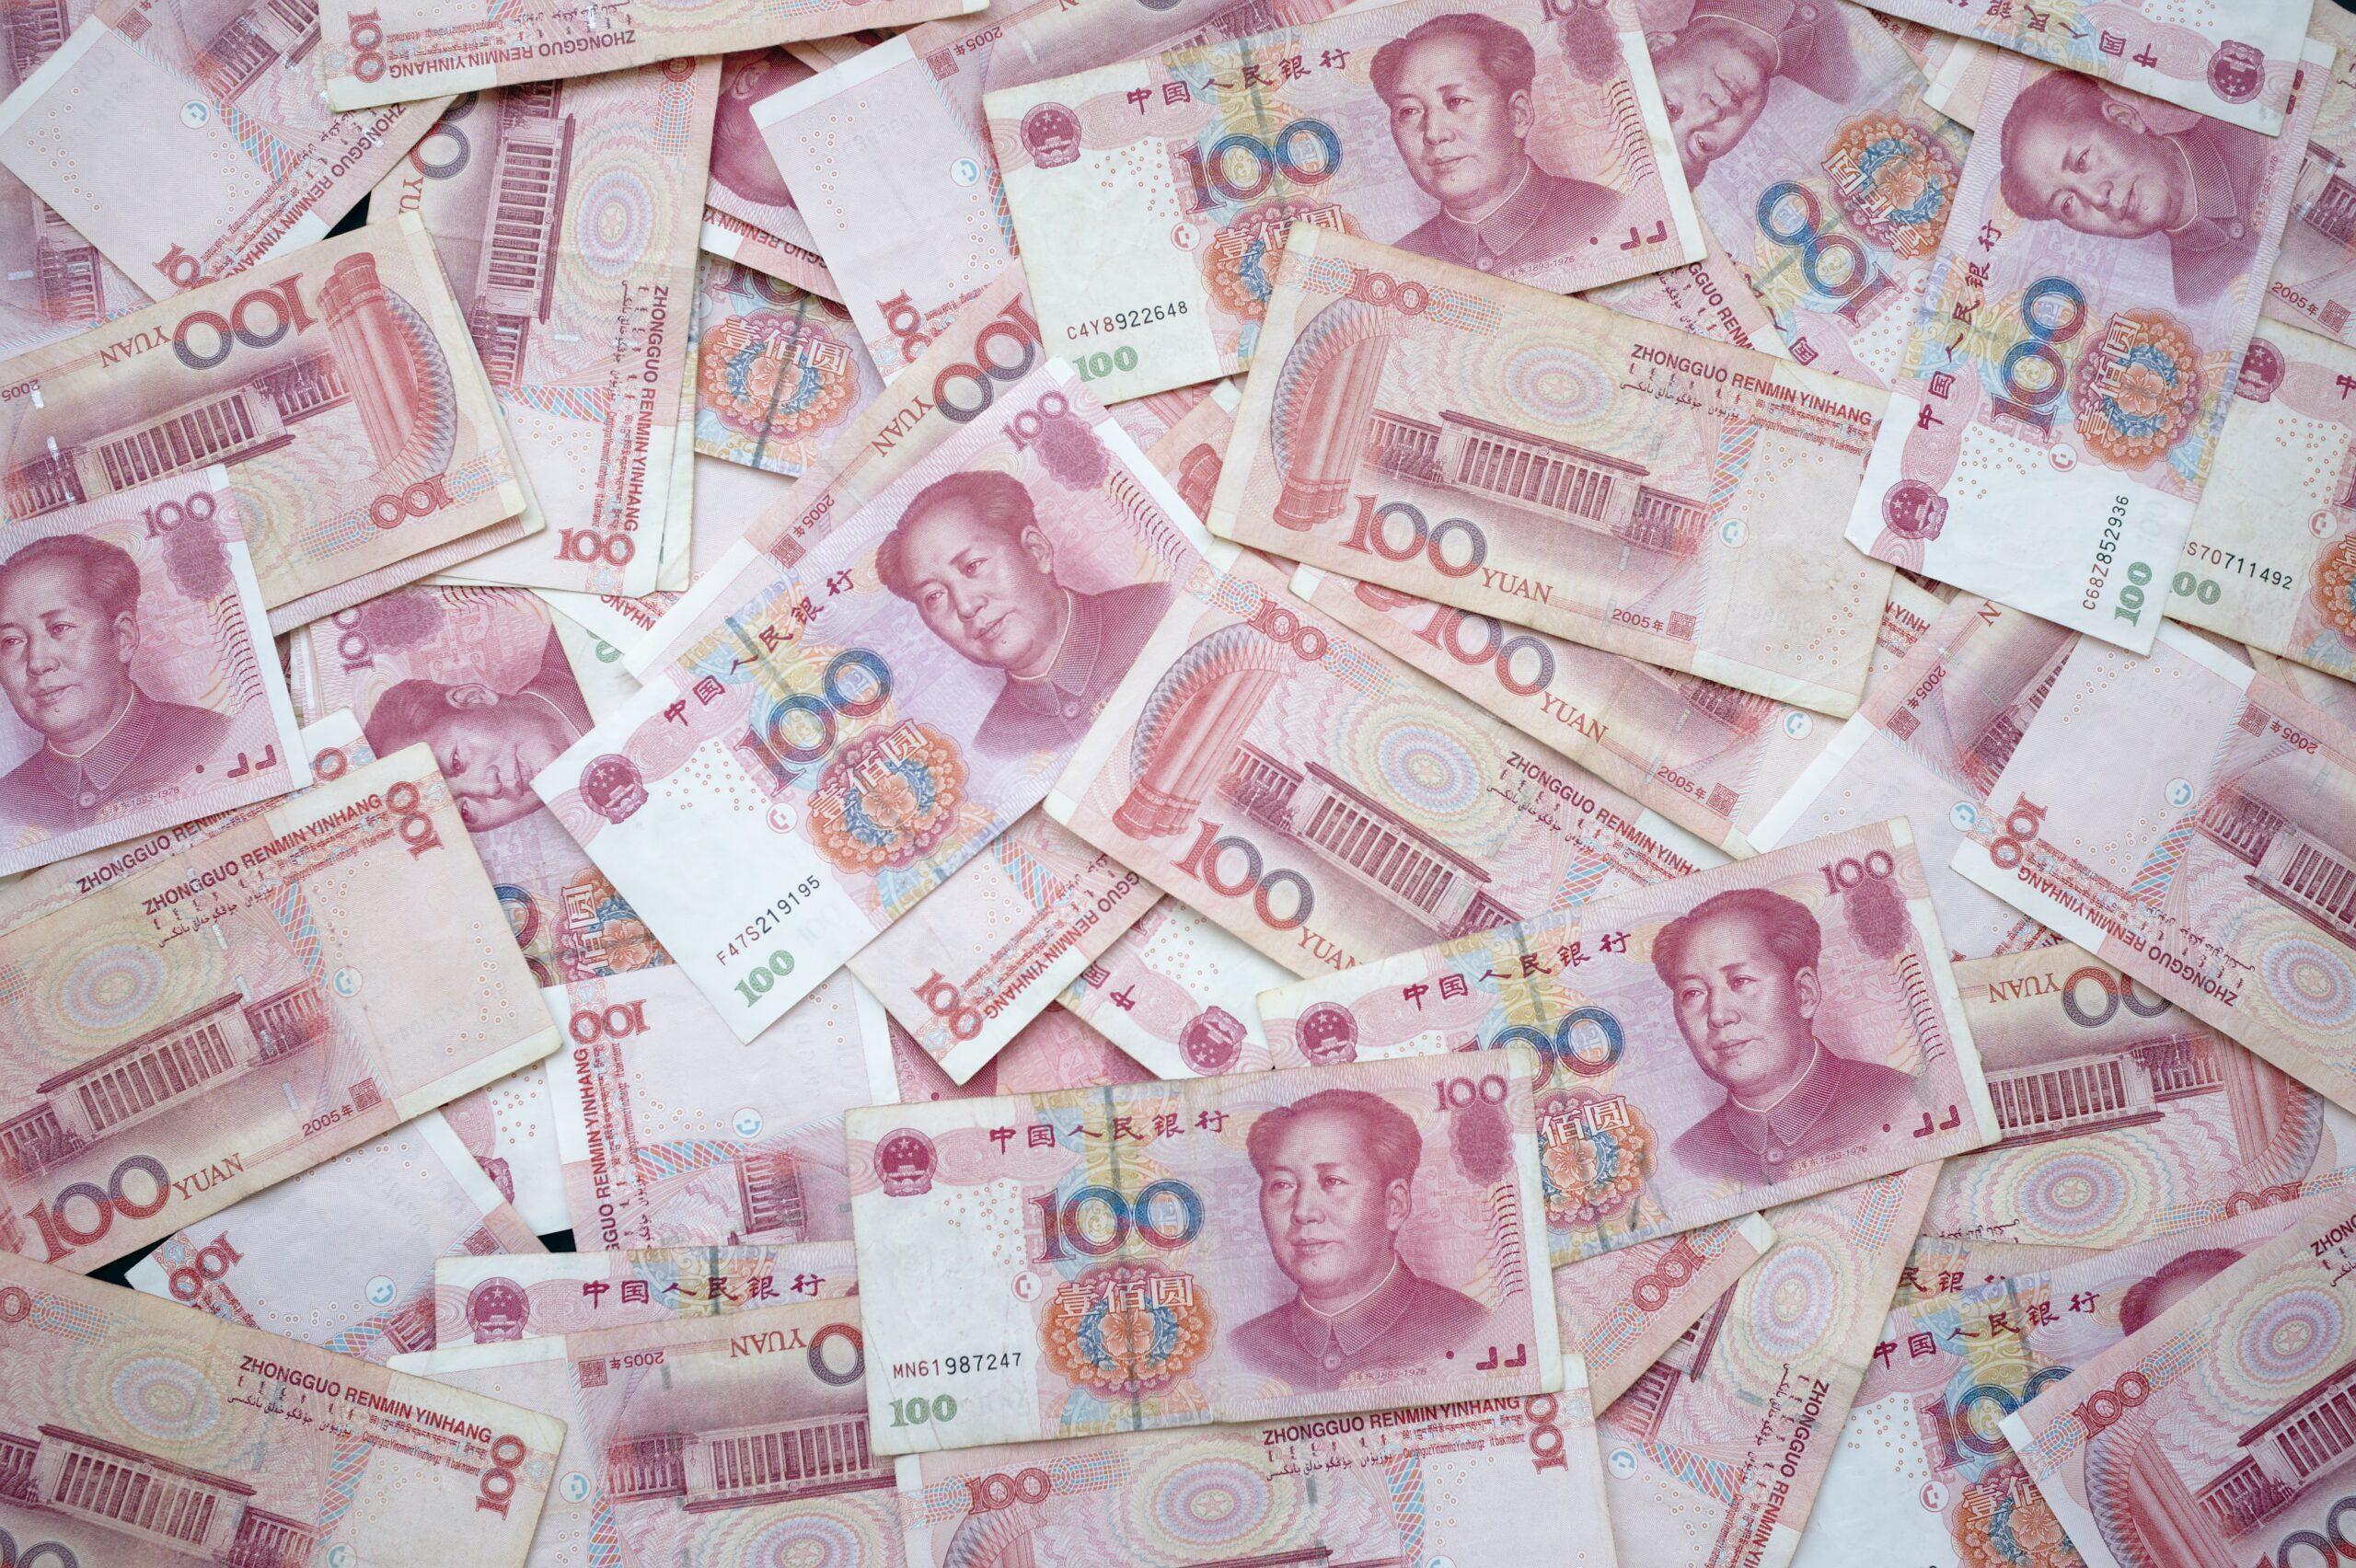 Der digital Yuan: China als Vorreiter bei CBDC